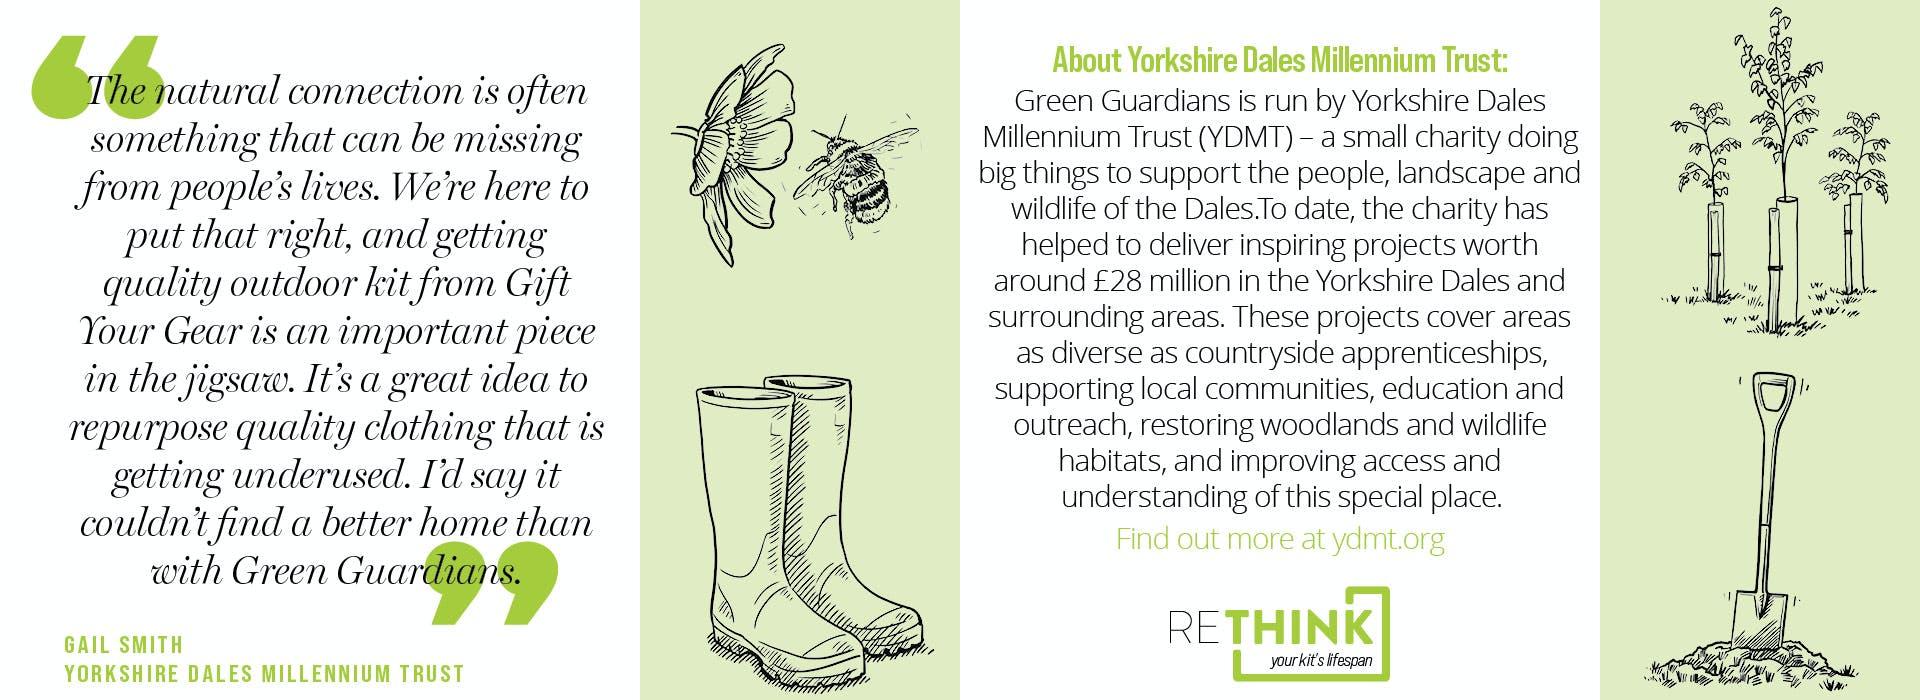 Yorkshire Dales Millennium trust quotes